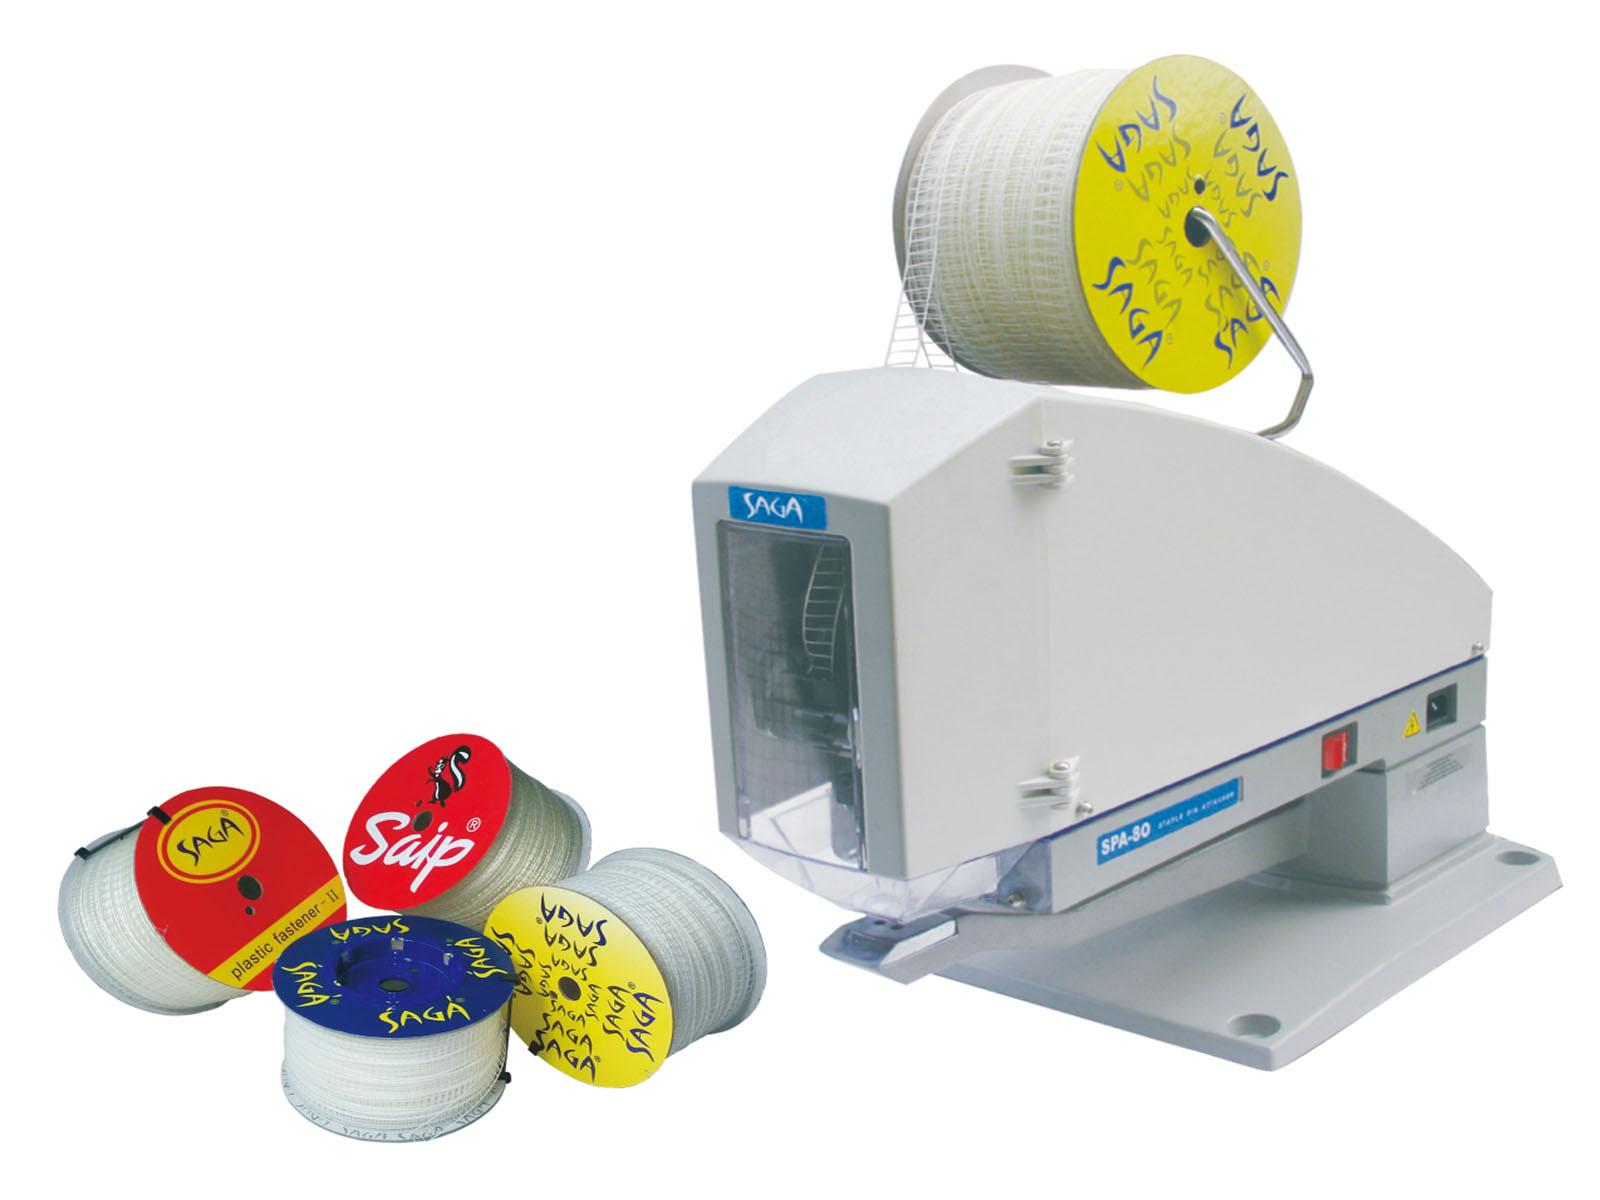 標簽膠釘機價格范圍-專業的標簽膠釘機公司推薦